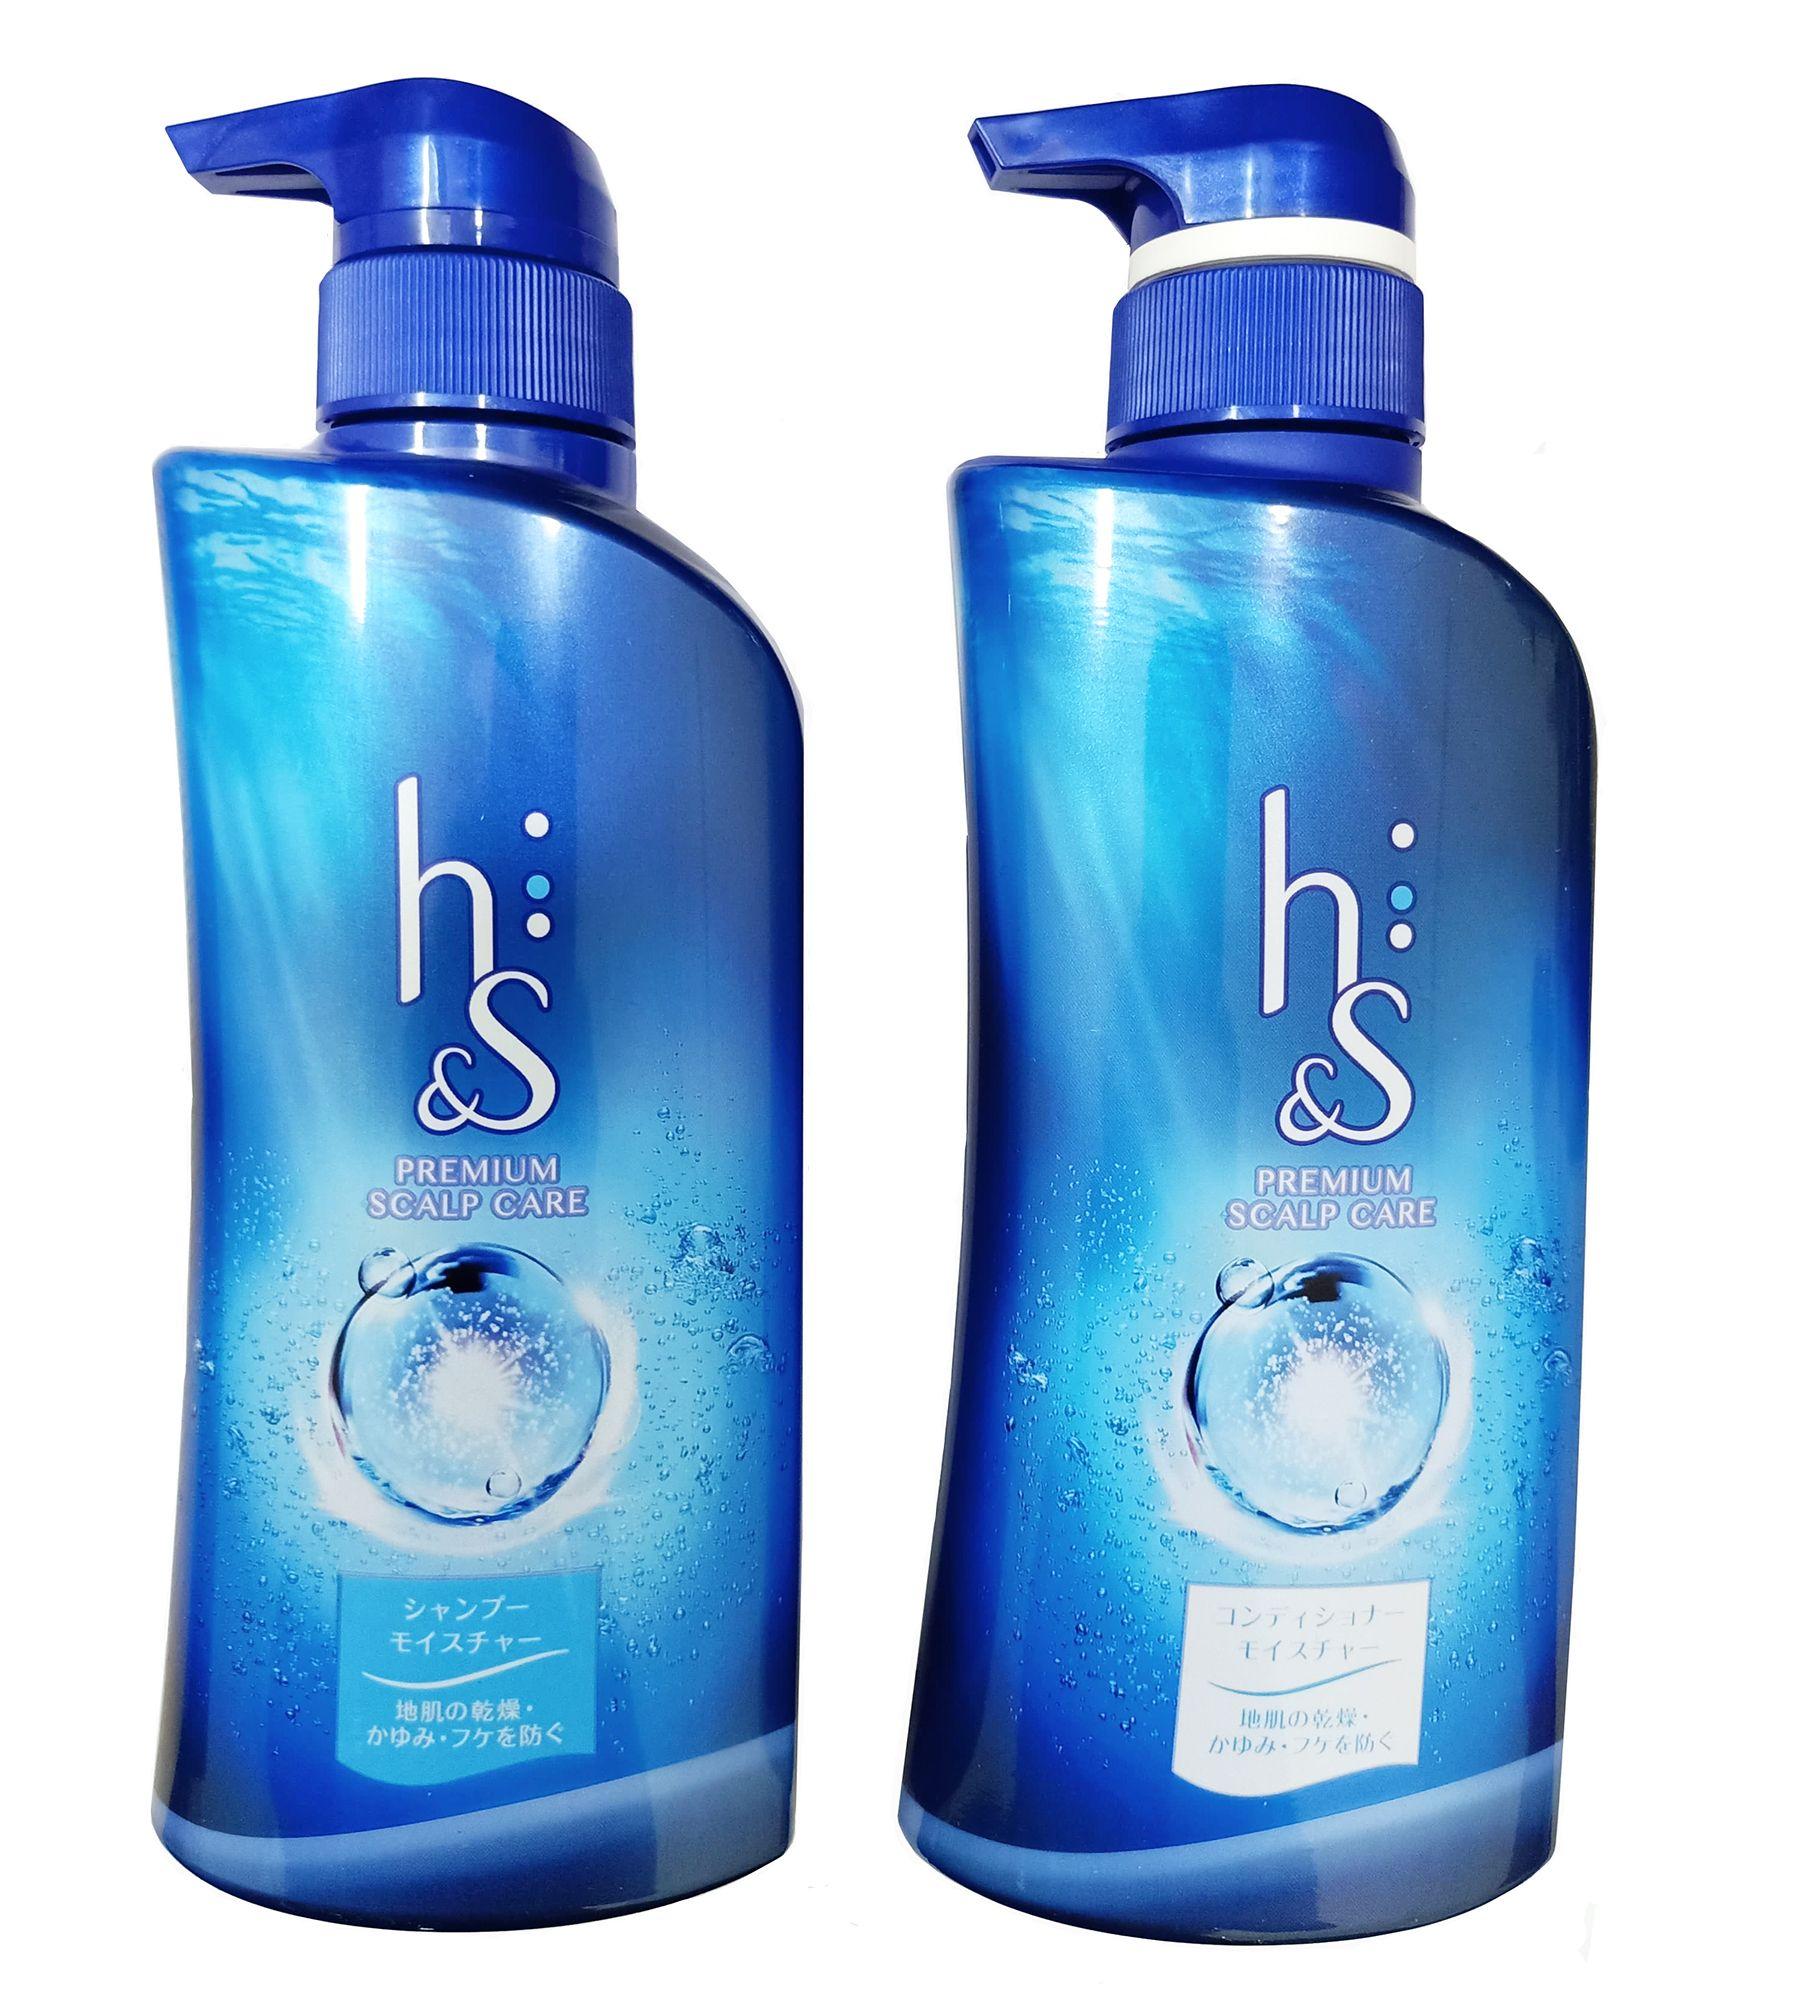 Bộ dầu gội H&S xanh biển trị gàu cho tóc hư tổn